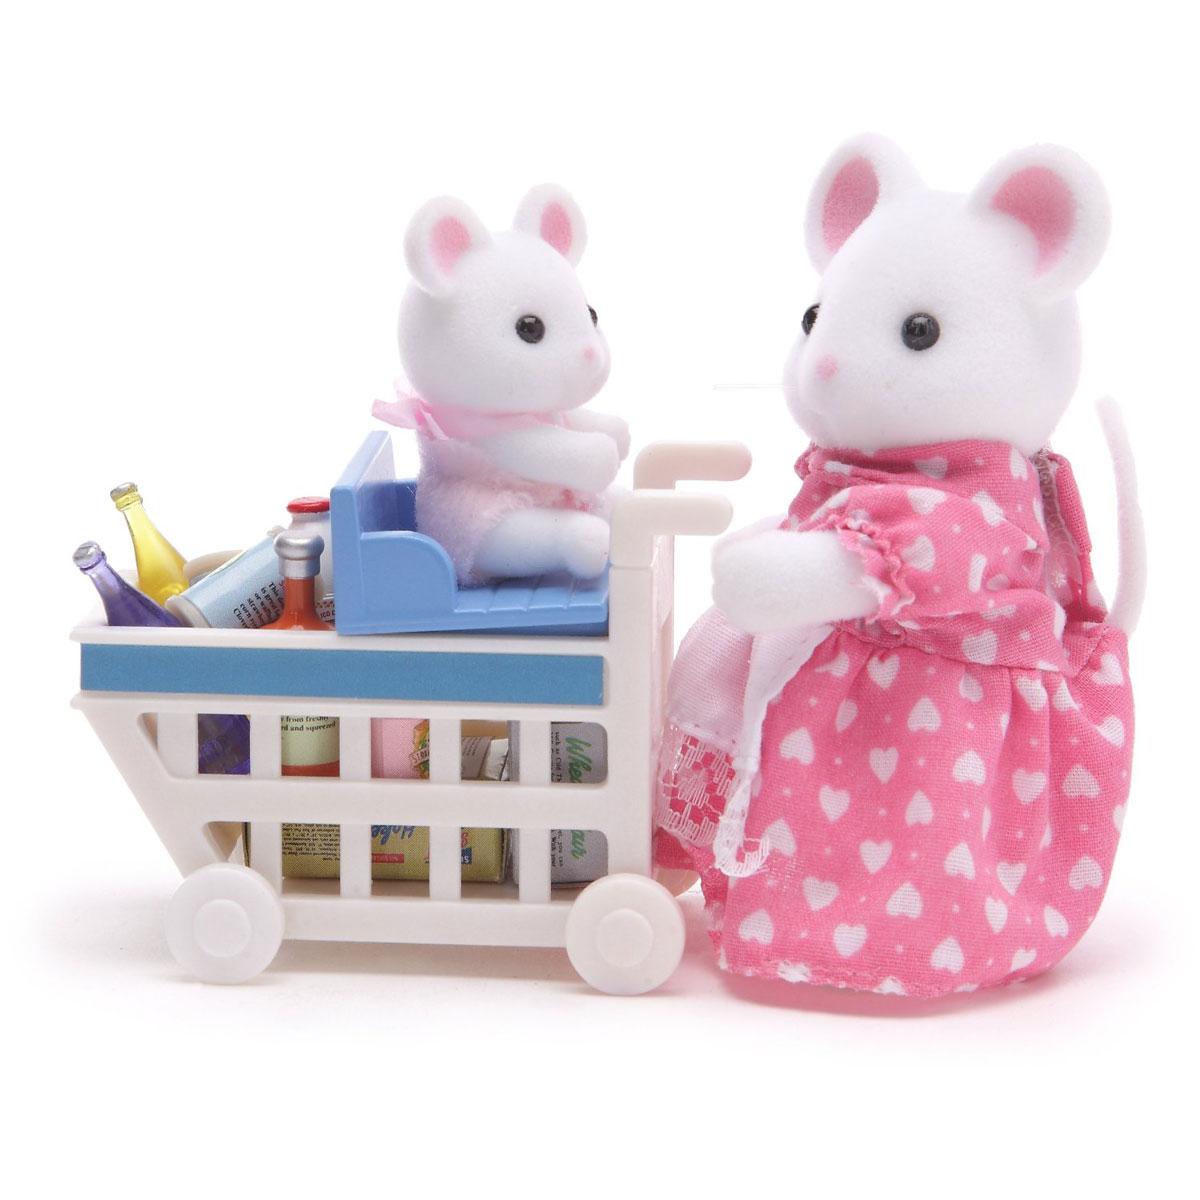 Sylvanian Families Набор фигурок Покупки в бакалее2401Игровой набор Sylvanian Families Покупки в бакалее привлечет внимание вашей малышки и не позволит ей скучать. Набор включает в себя фигурки мышки-мамы и мышки-малыша, тележку с сиденьем для крохи и продукты. Мышонка можно посадить в специальное сиденье, которое закрепляется на тележке. Оно двигается вперед и назад, поэтому мама-мышка без труда сможет уложить все продукты. Симпатичные фигурки мышек выполнены из пластика и покрыты мягким приятным на ощупь флоком. Ваша малышка будет часами играть с набором, придумывая различные истории. Характеристики: Материал: пластик, текстиль. Высота фигурки мышки: 8 см. Высота фигурки мышонка: 3,5 см. Уважаемые клиенты! Обращаем ваше внимание на возможные изменения в дизайне одежды фигурок. Поставка осуществляется в зависимости от наличия на складе. Дизайн самих фигурок и комплектация остаются неизменными.